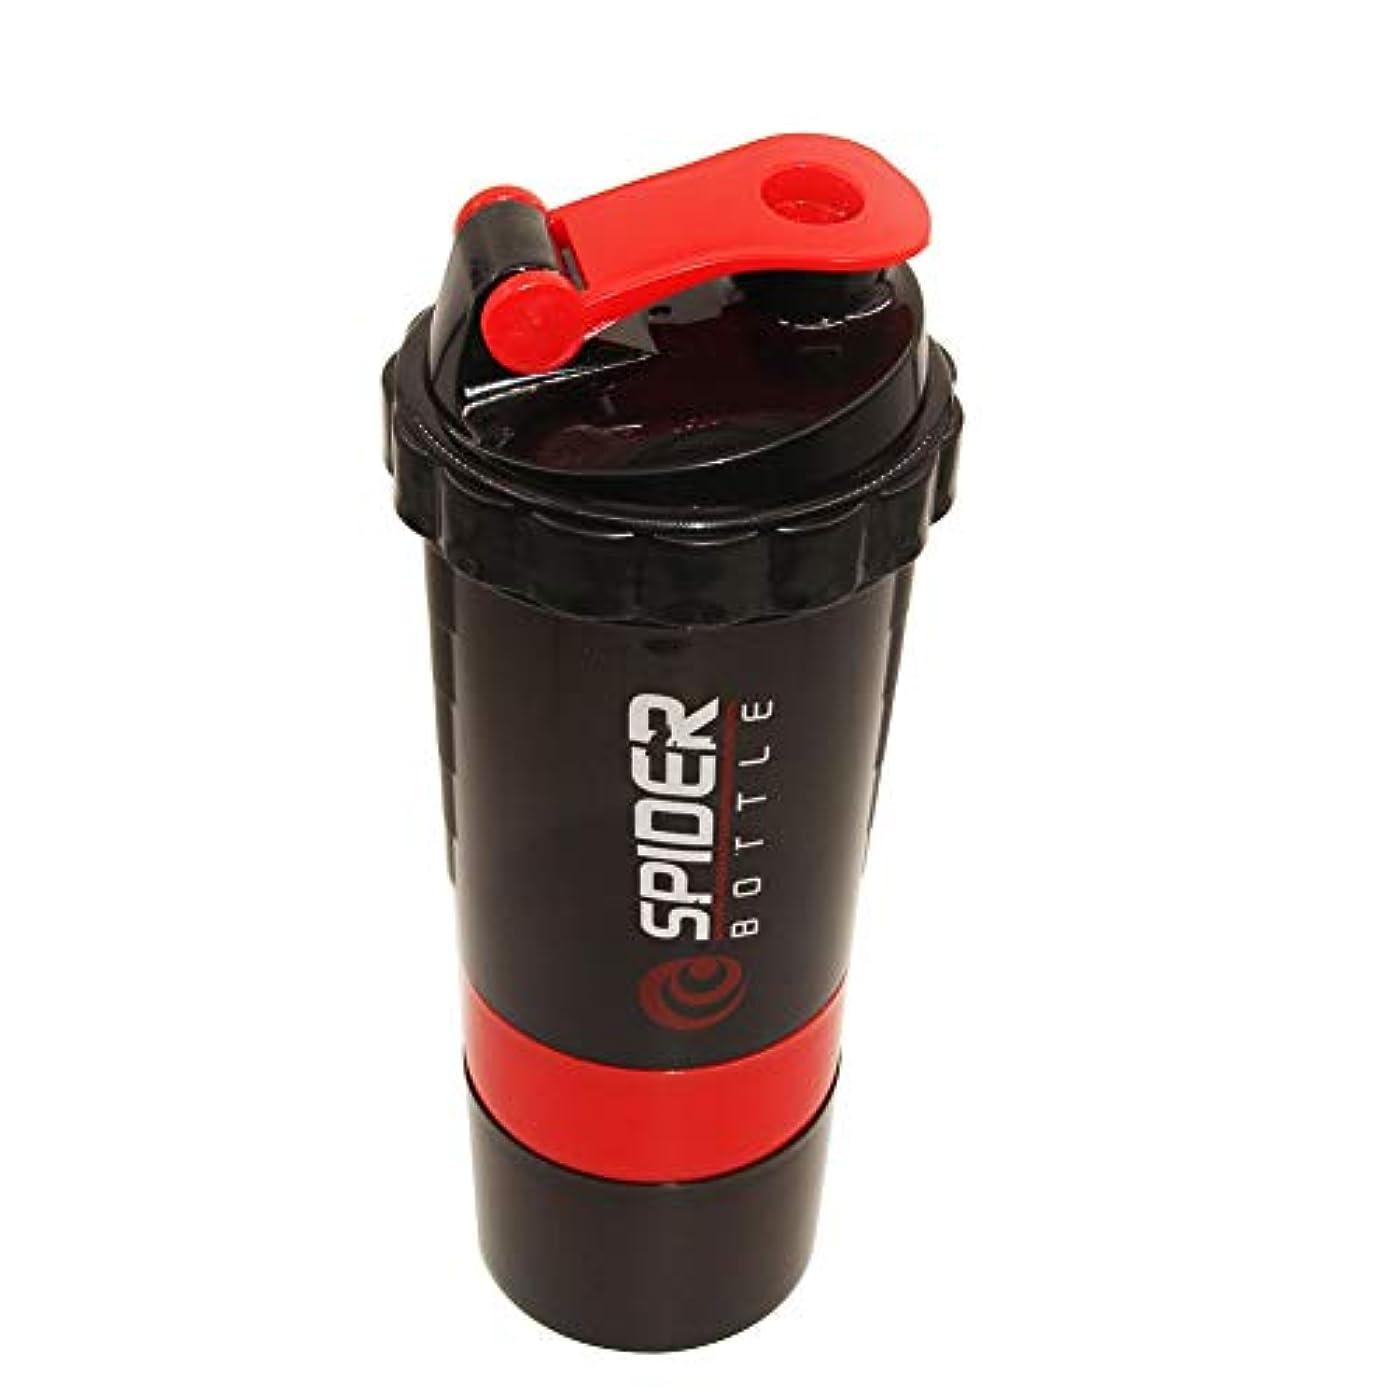 良心的懐またはプロテインシェイカー プラスチックボトル シェーカーボトル フィットネス用 プラスチック 目盛り ジム スポーツ 600ml 3層プロテインボックス 大容量 (Red)